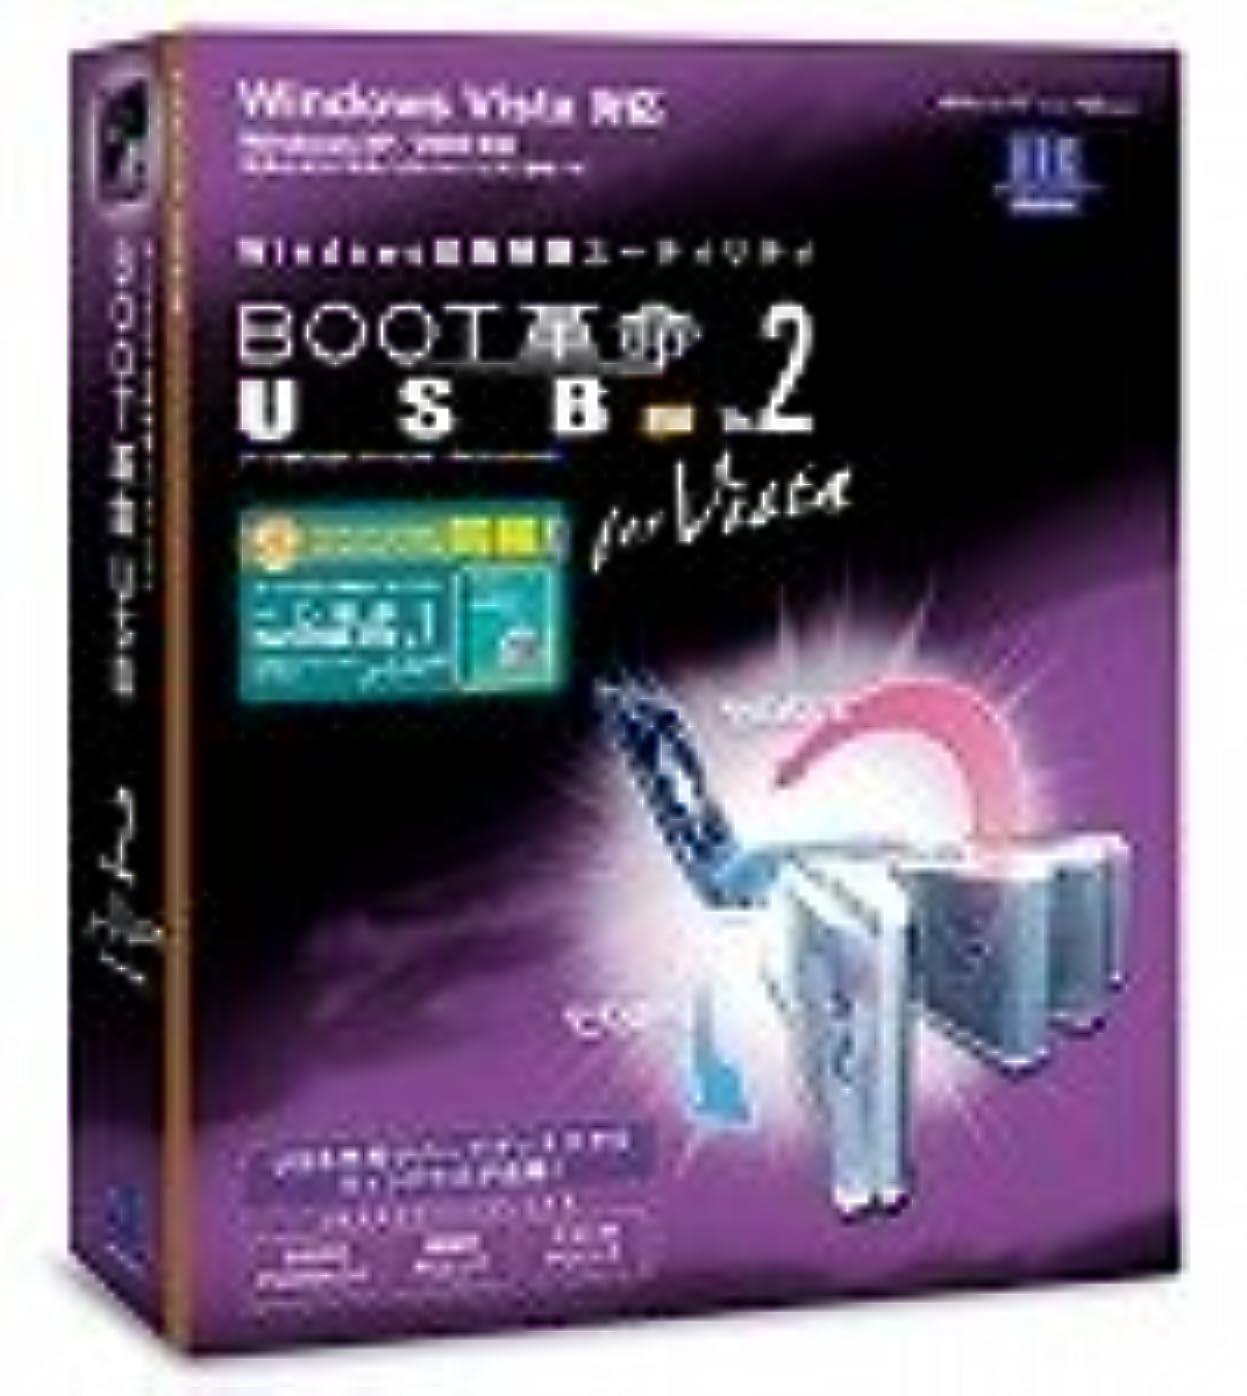 略奪パイロットバーBOOT革命/USB Ver.2 for Vista Pro